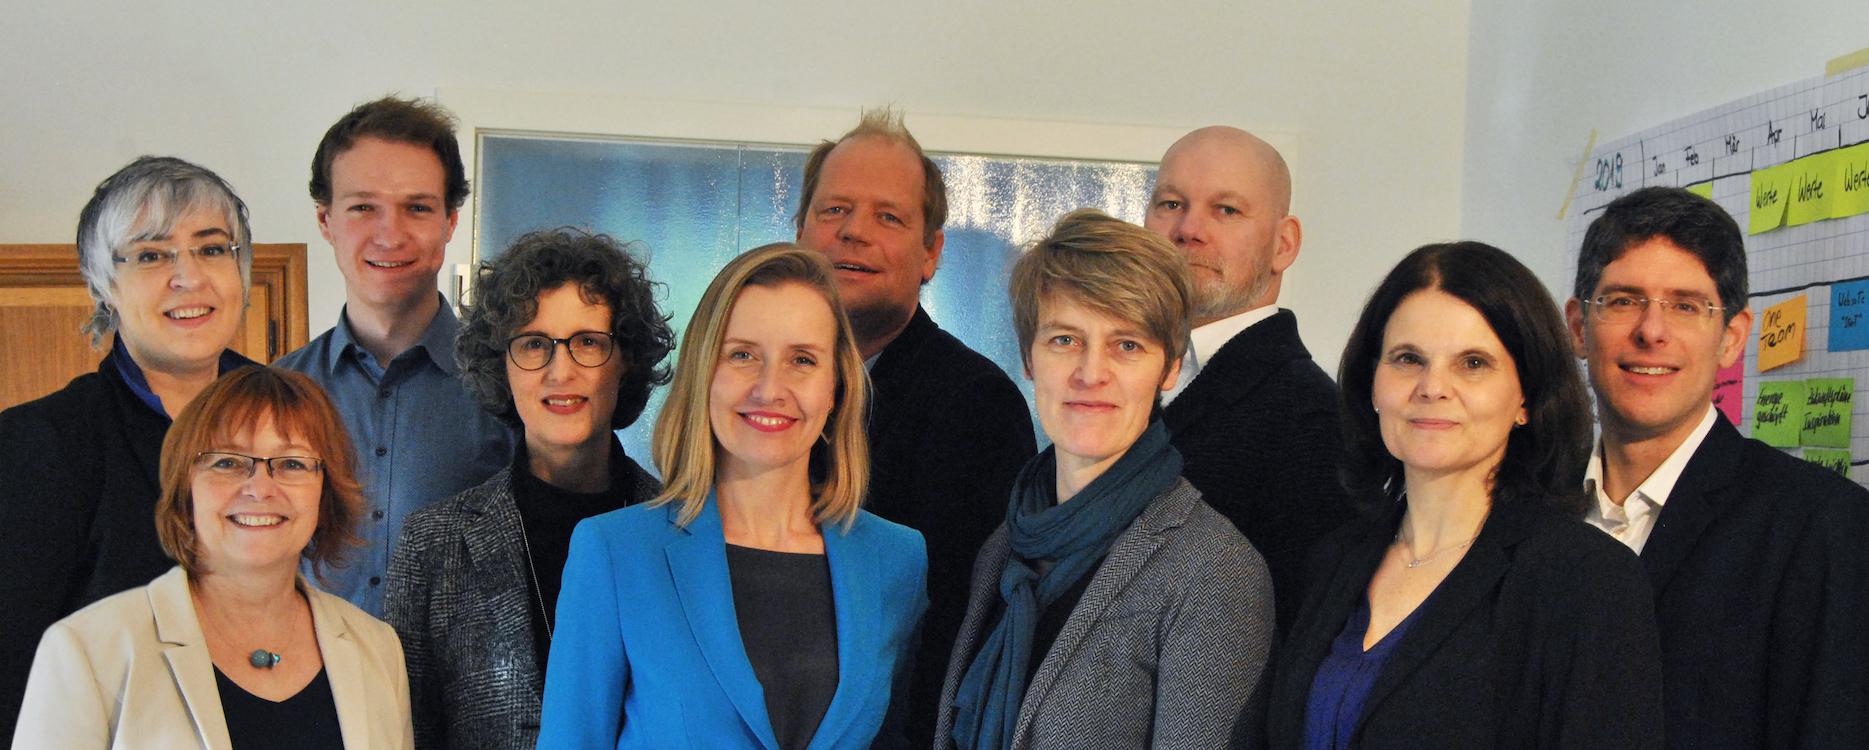 Die PROFIL-Experten 2020